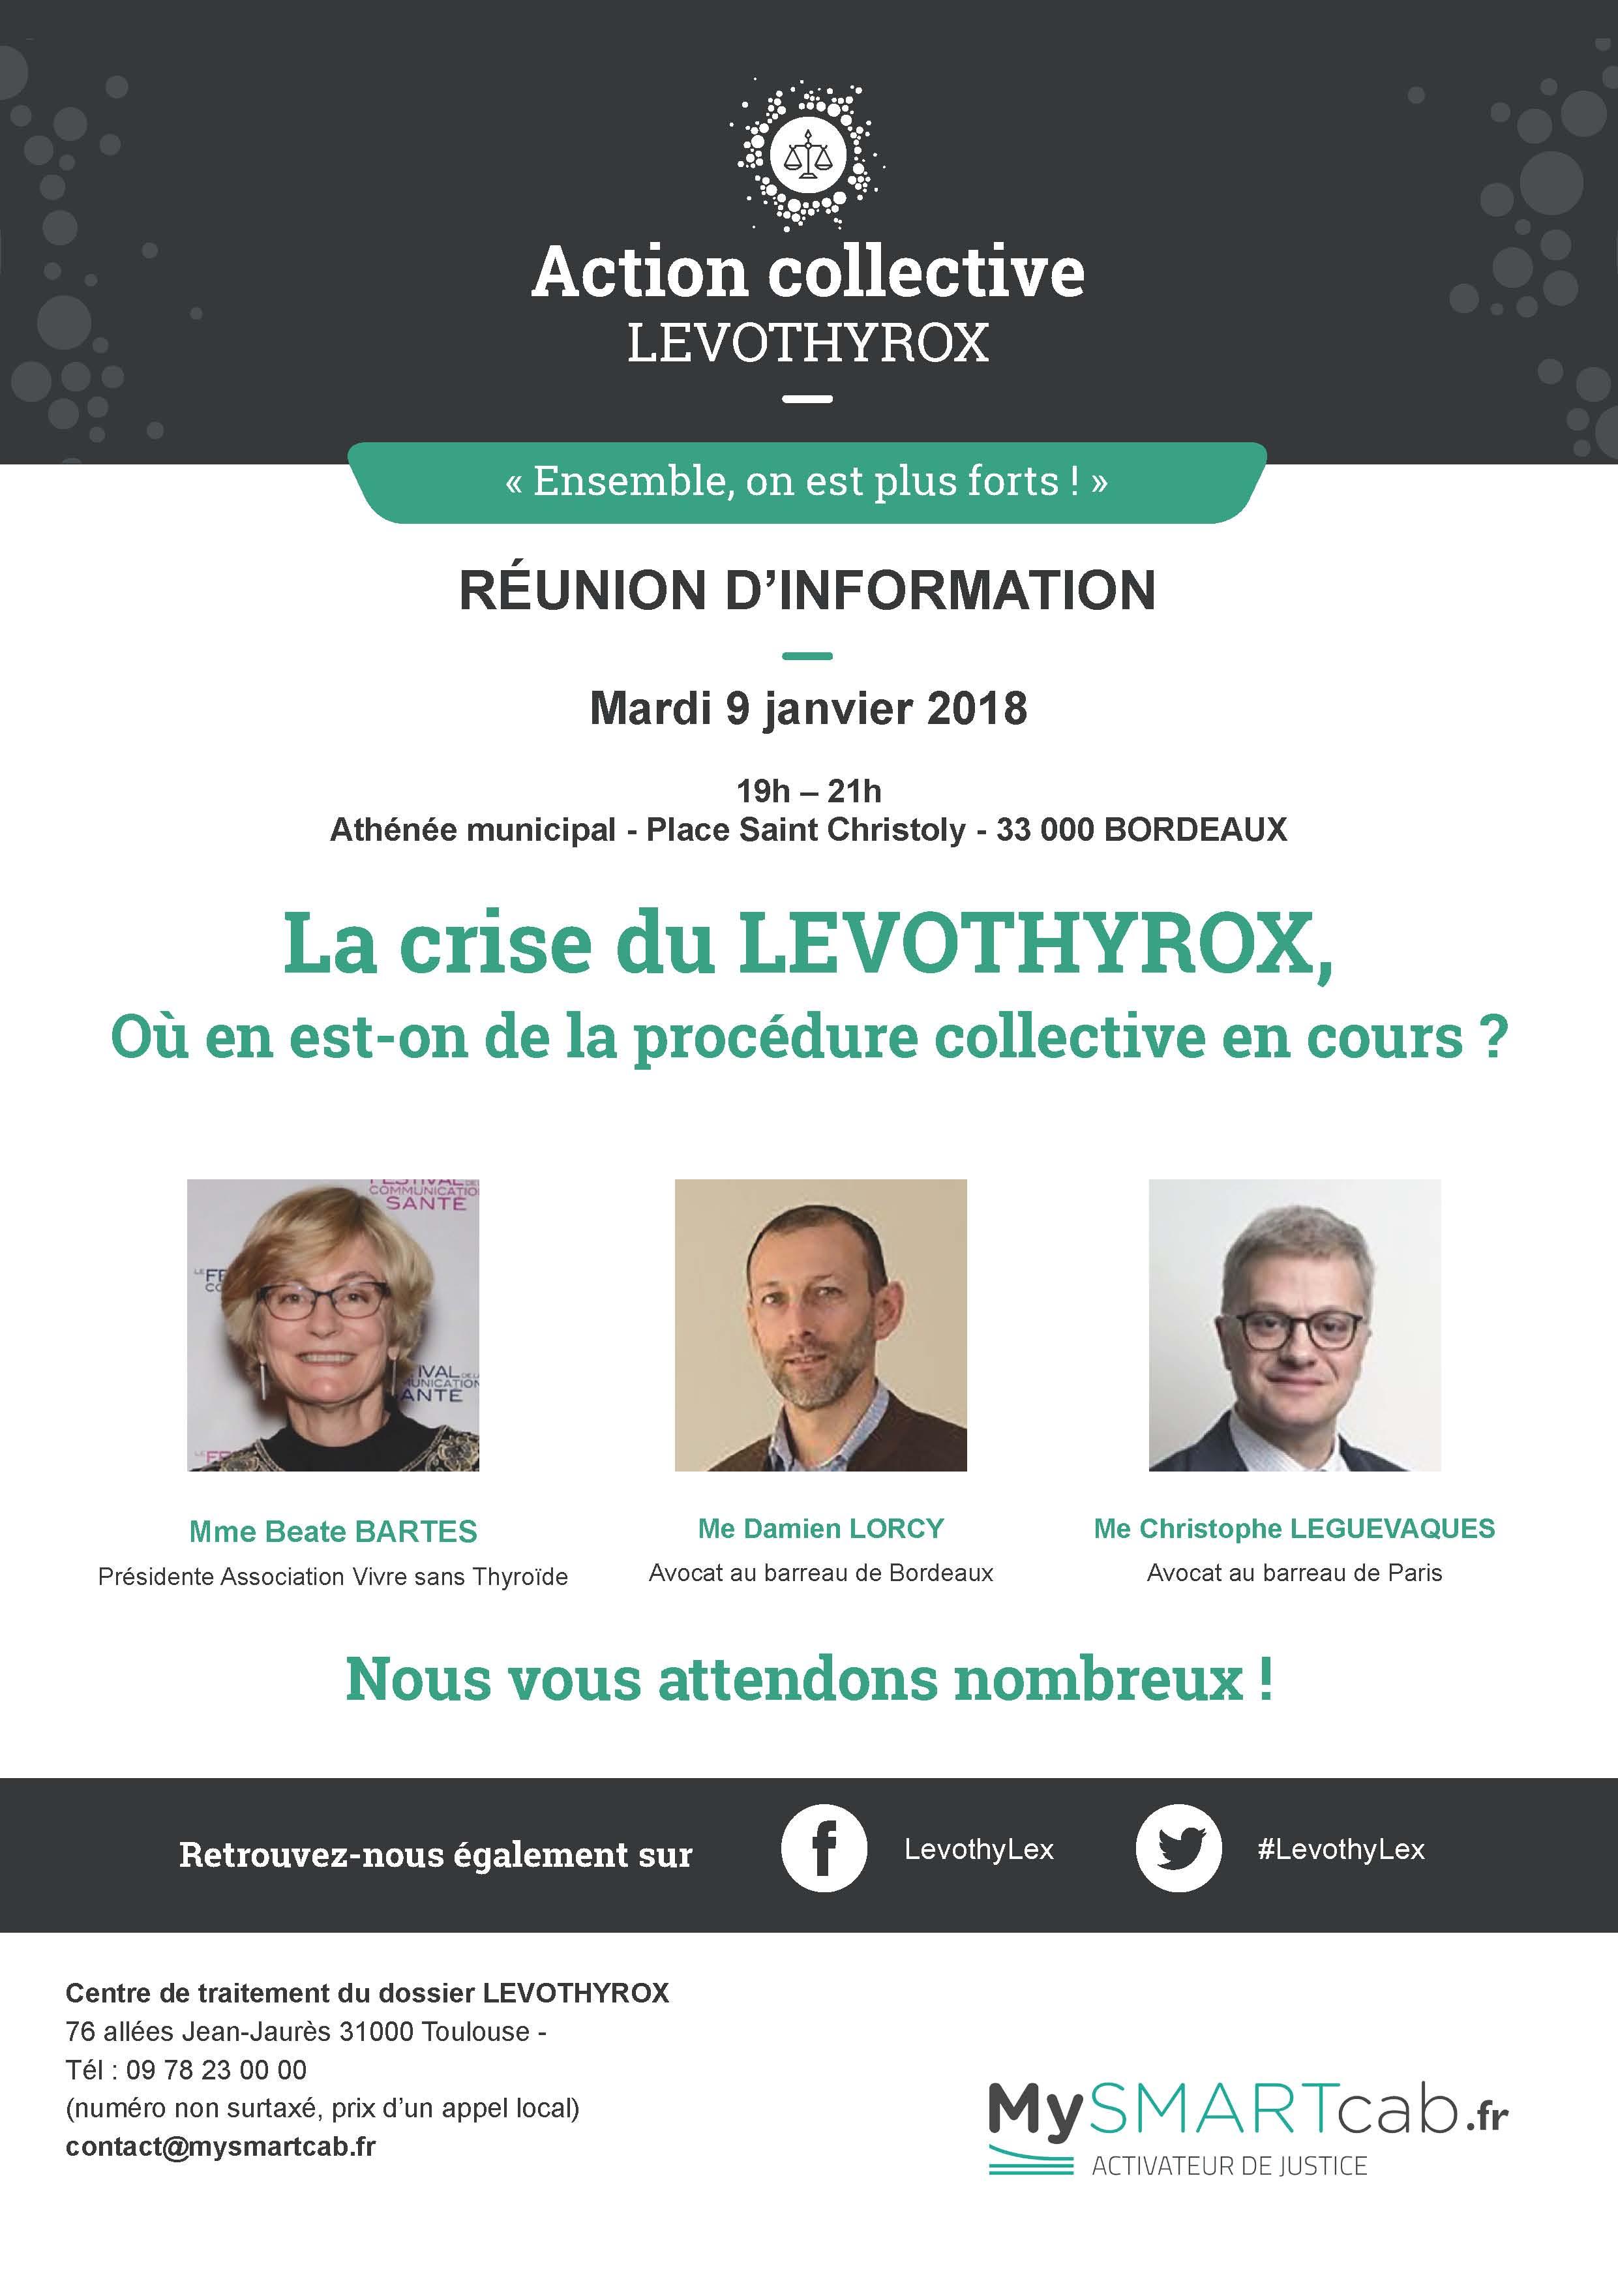 #LEVOTHYROX - Réunion d'informations à #BORDEAUX - mardi 9 janvier 2018